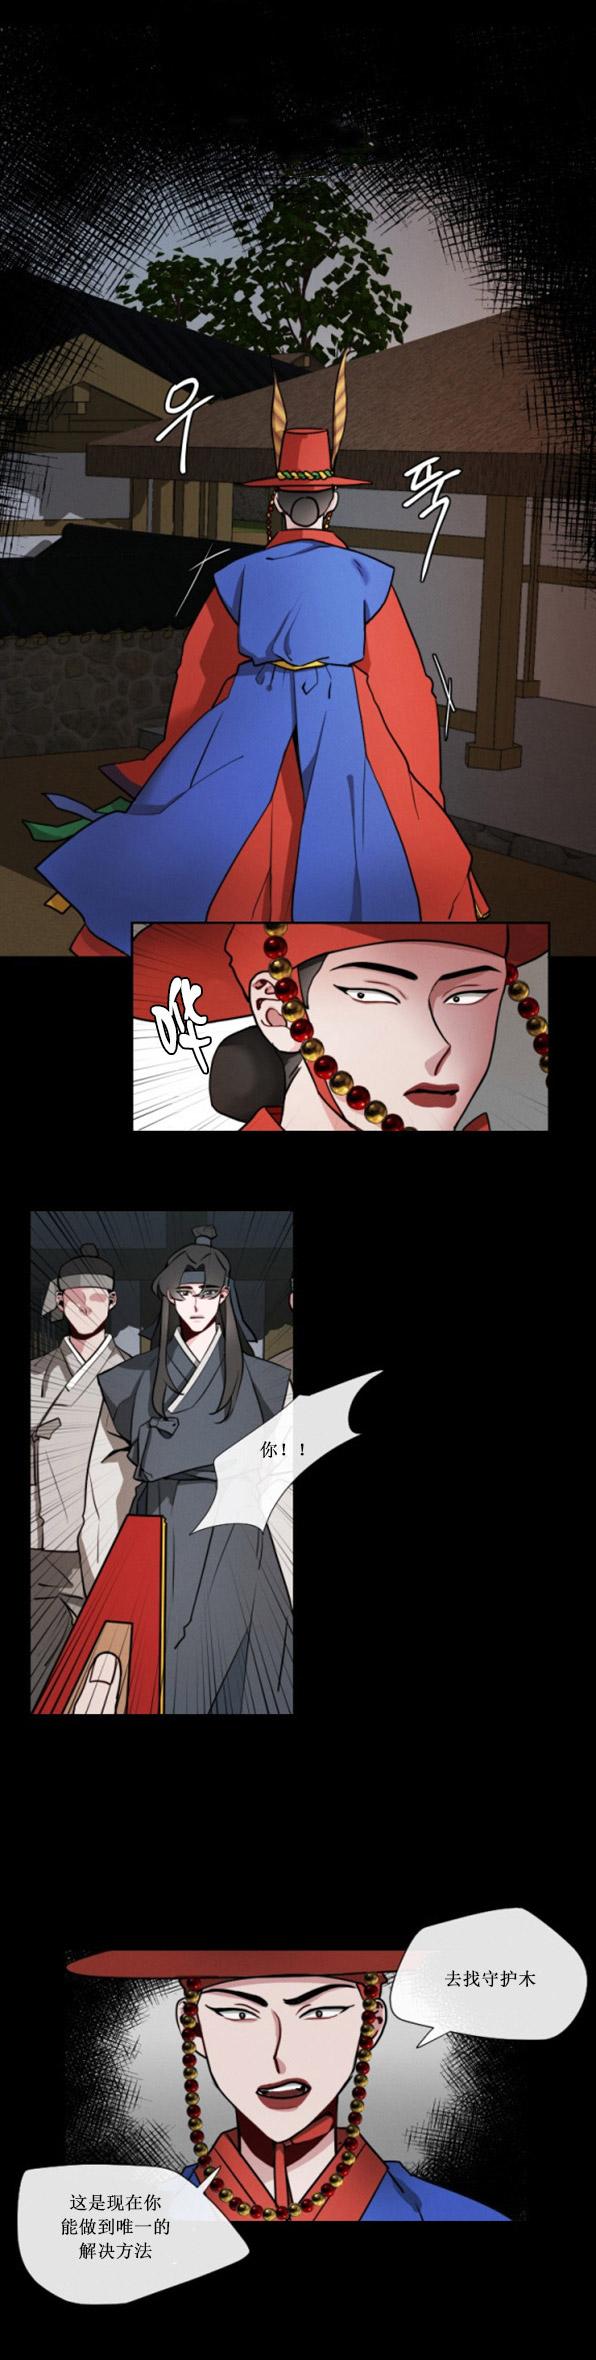 神兽传-漫画完整版汉化_全集在线阅读&连载首发-啵乐漫画